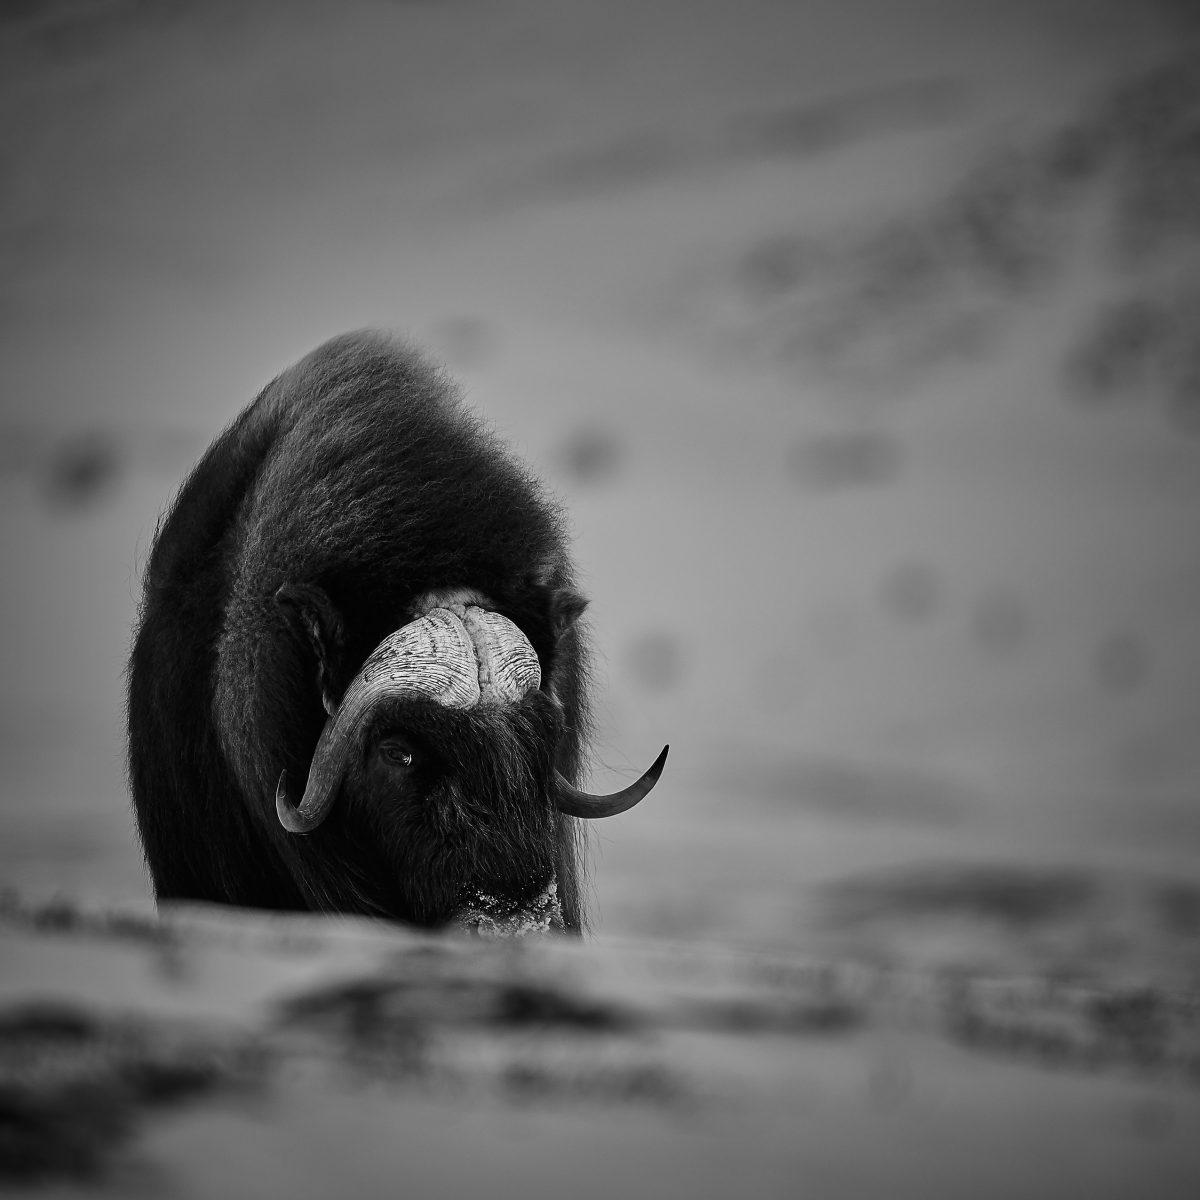 photo en noir et blanc d'un boeuf musqué regardant du coin de l'oeil